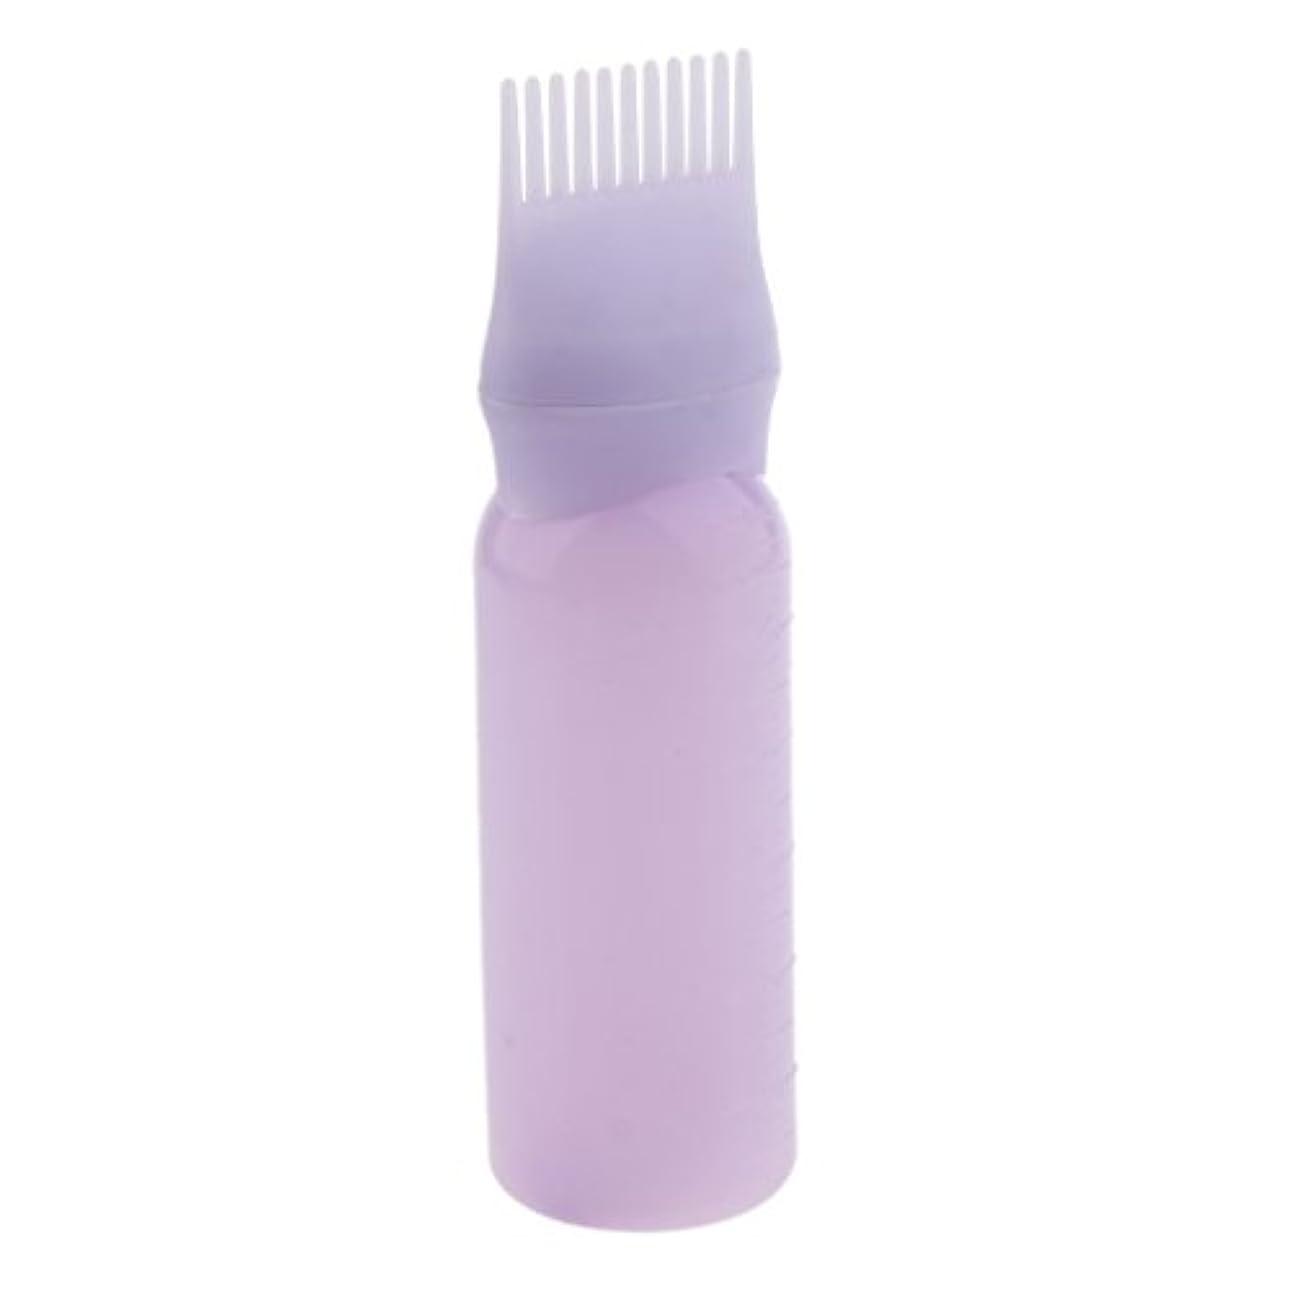 ディレクター魅惑する完璧なルートコーム ヘアダイボトルアプリケーター サロン ヘアカラー ディスペンサーブラシ 染料ボトル 染色櫛 全2色 - 紫